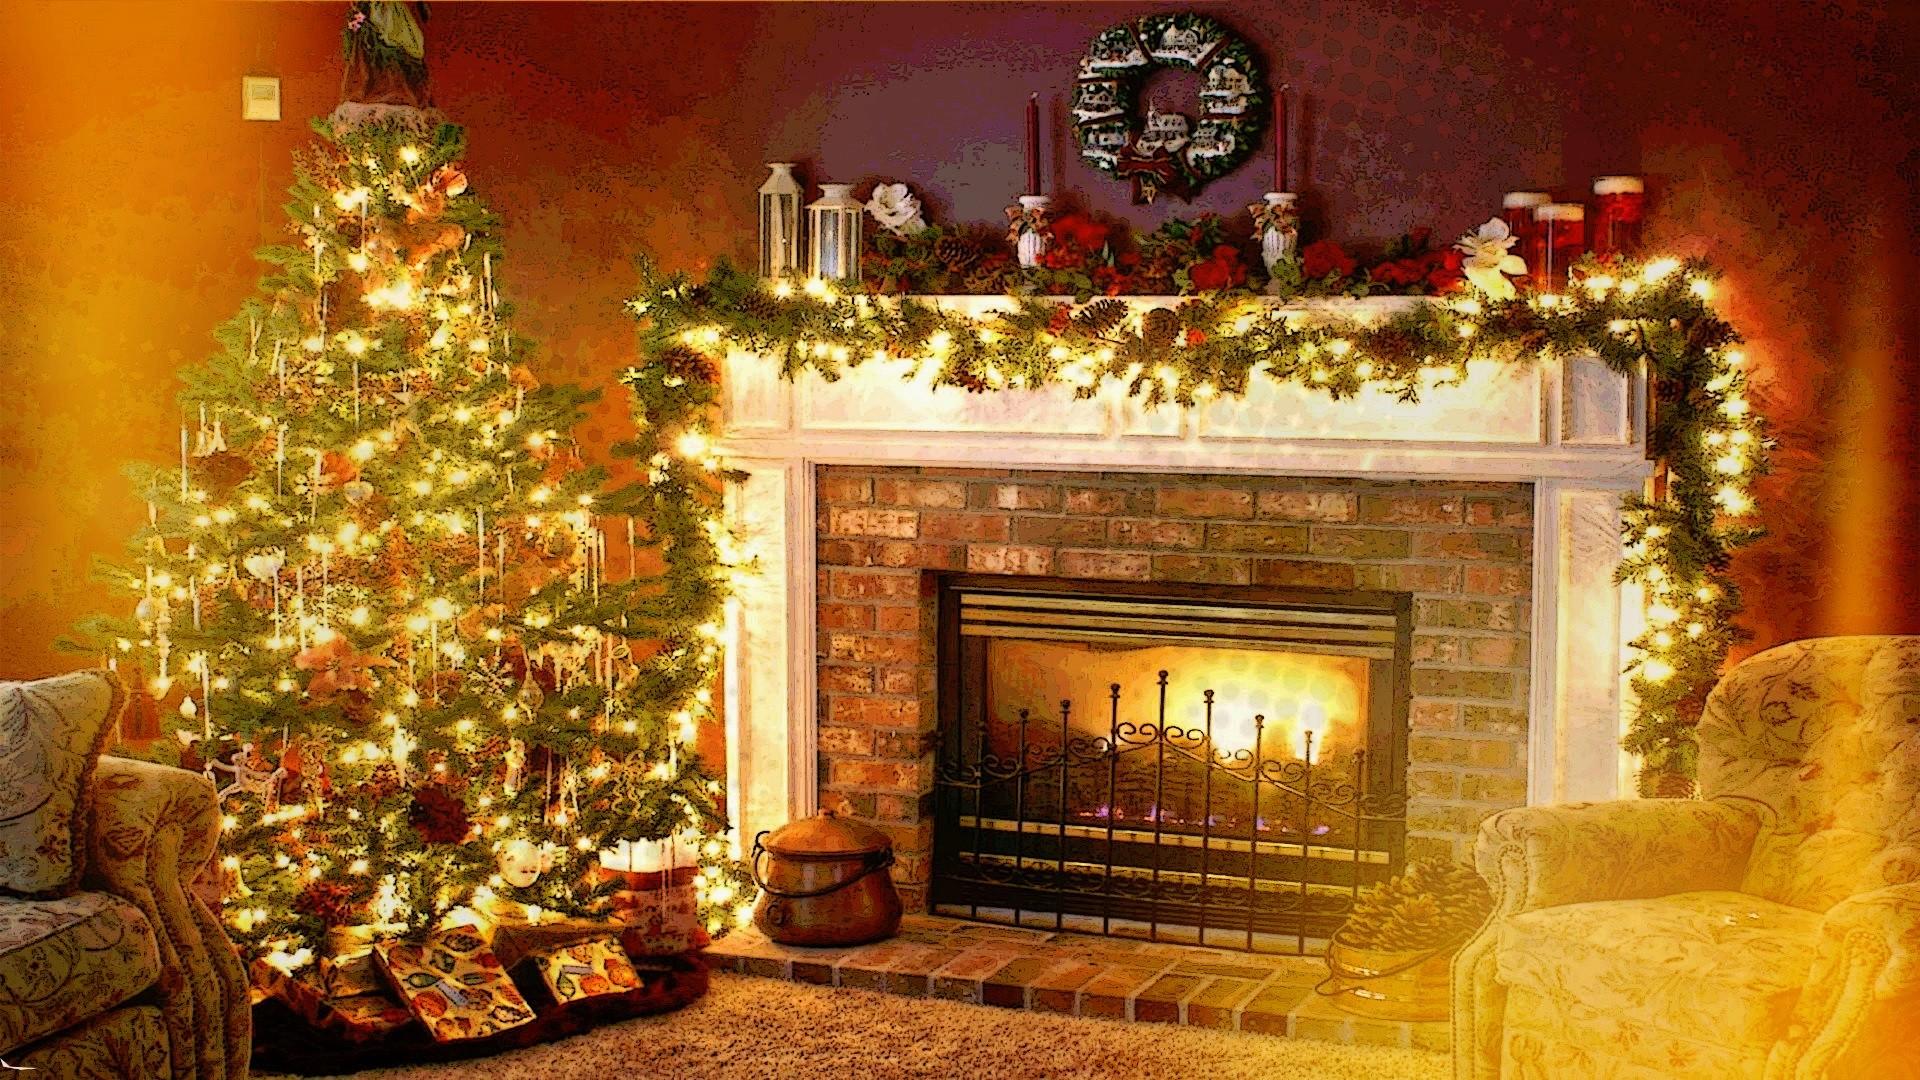 fond d'écran : intérieur, arbre de noël, cheminée, vacances